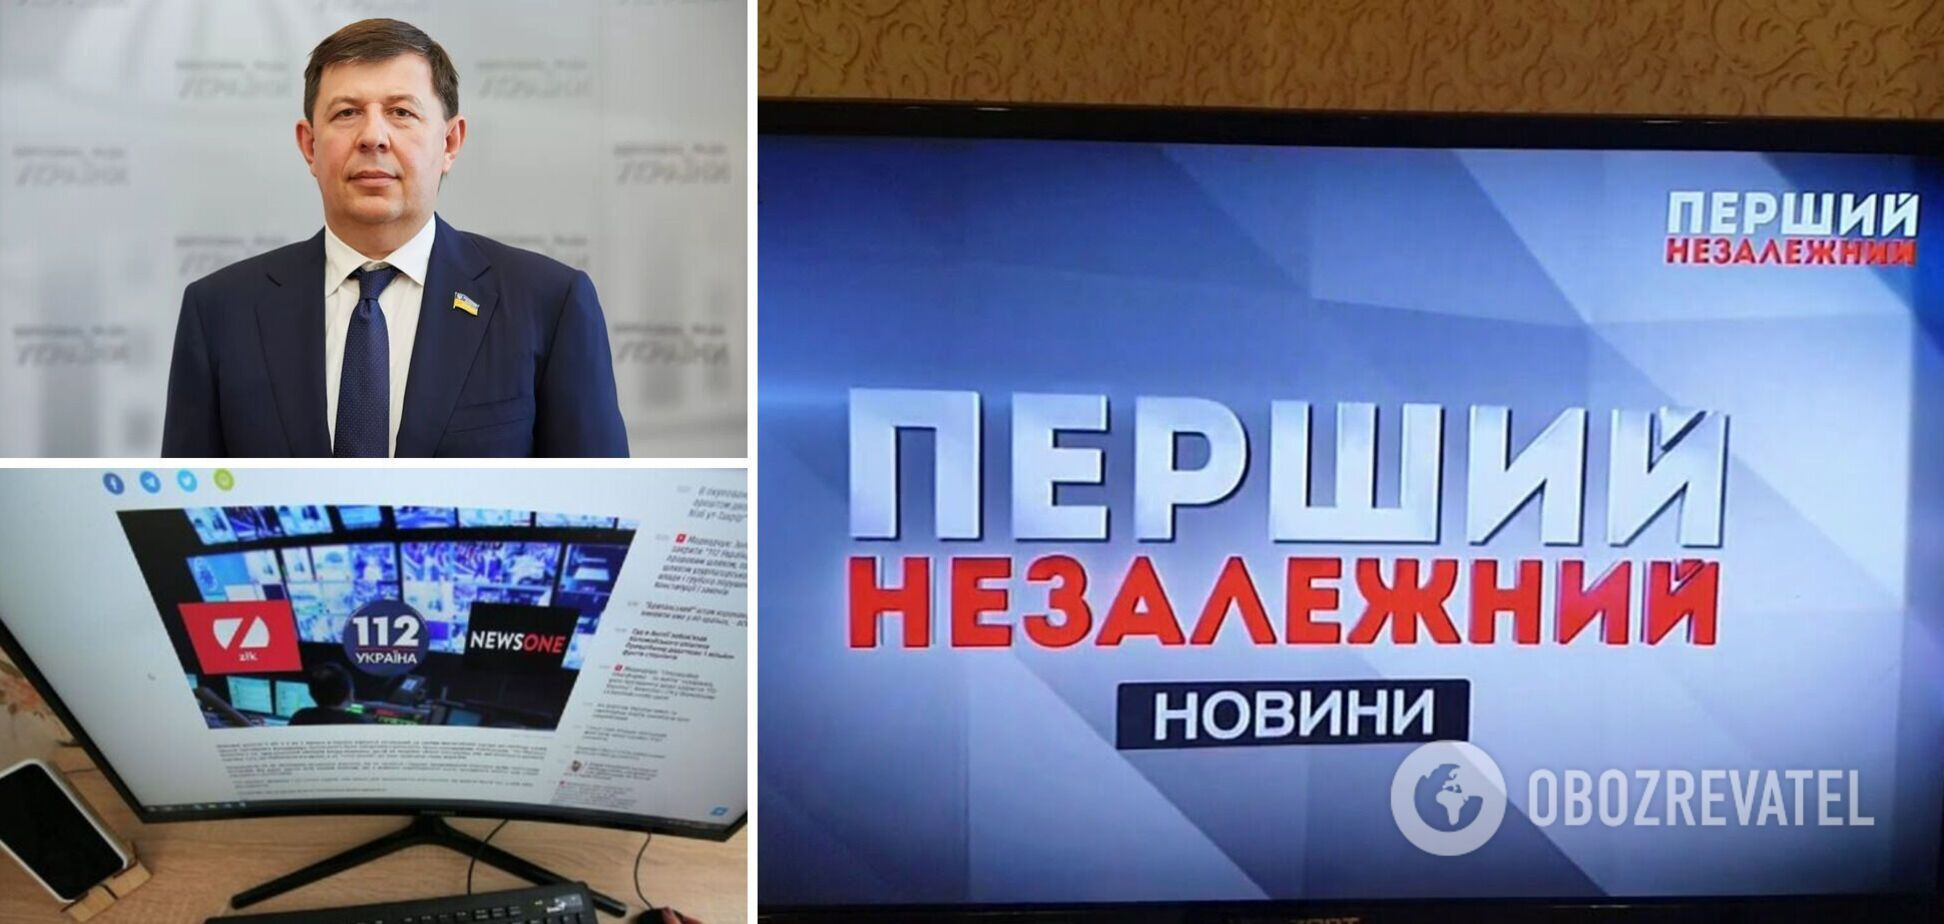 Медіахолдинг Козака купив львівський канал: журналісти зажадали звільнення директора